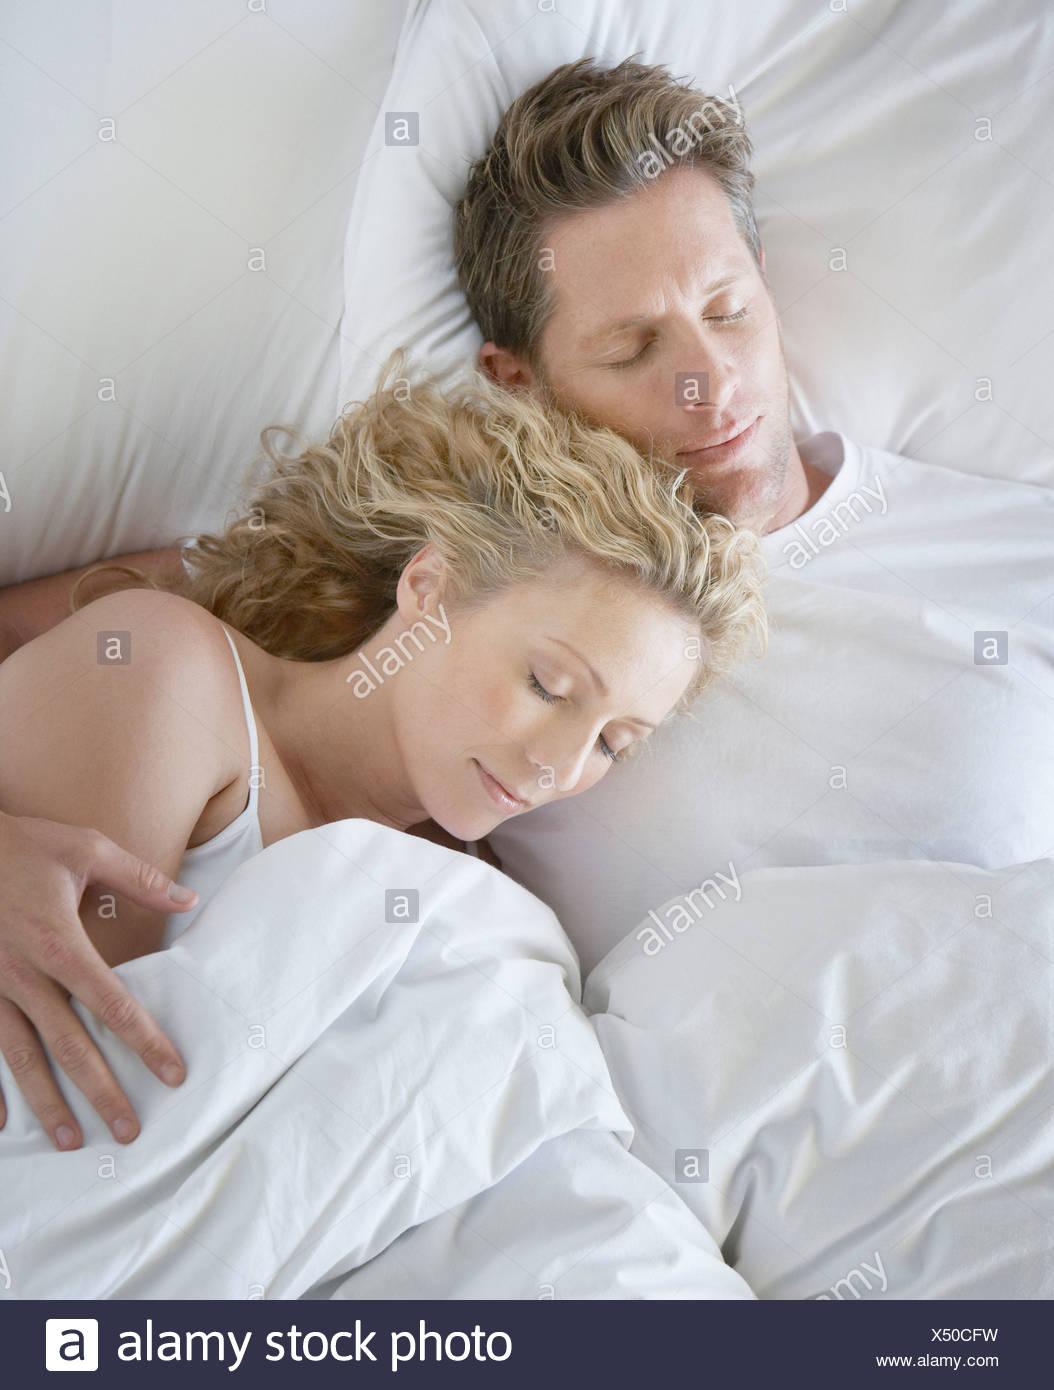 Mann und Frau kuscheln im Bett eingeschlafen Stockfoto, Bild ...